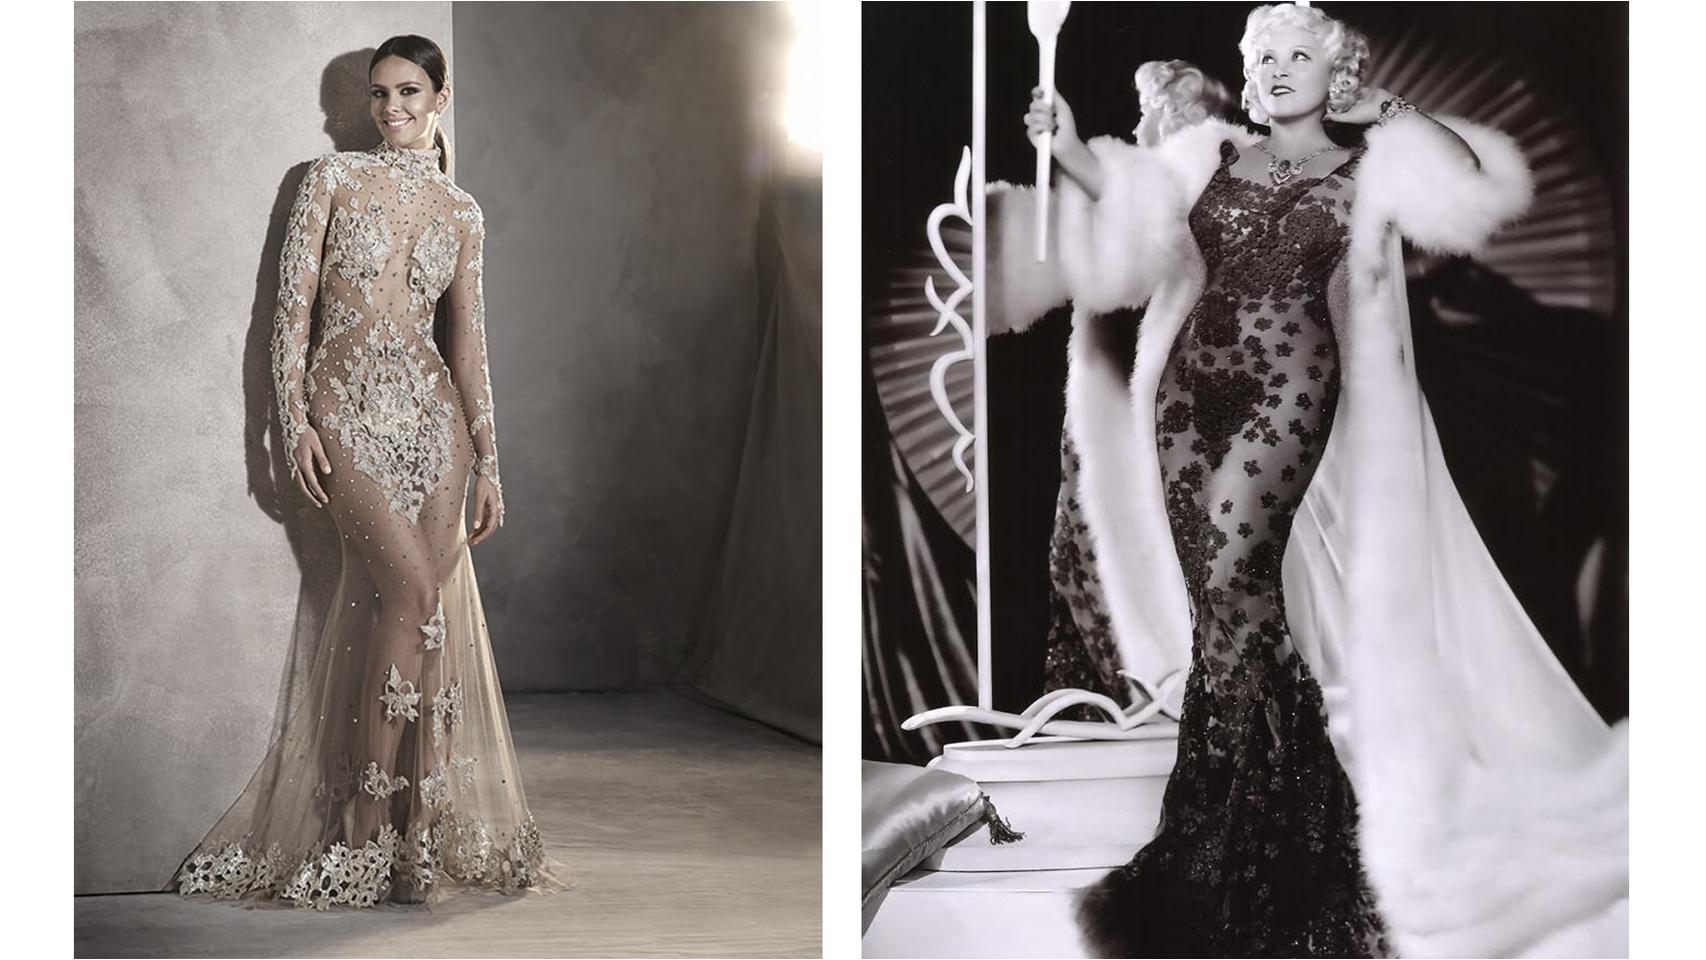 Cristina Pedroche dio las campanadas del paso de 2015 a 2016 con un vestido de Pronovias muy similar al de la actriz Mae West.